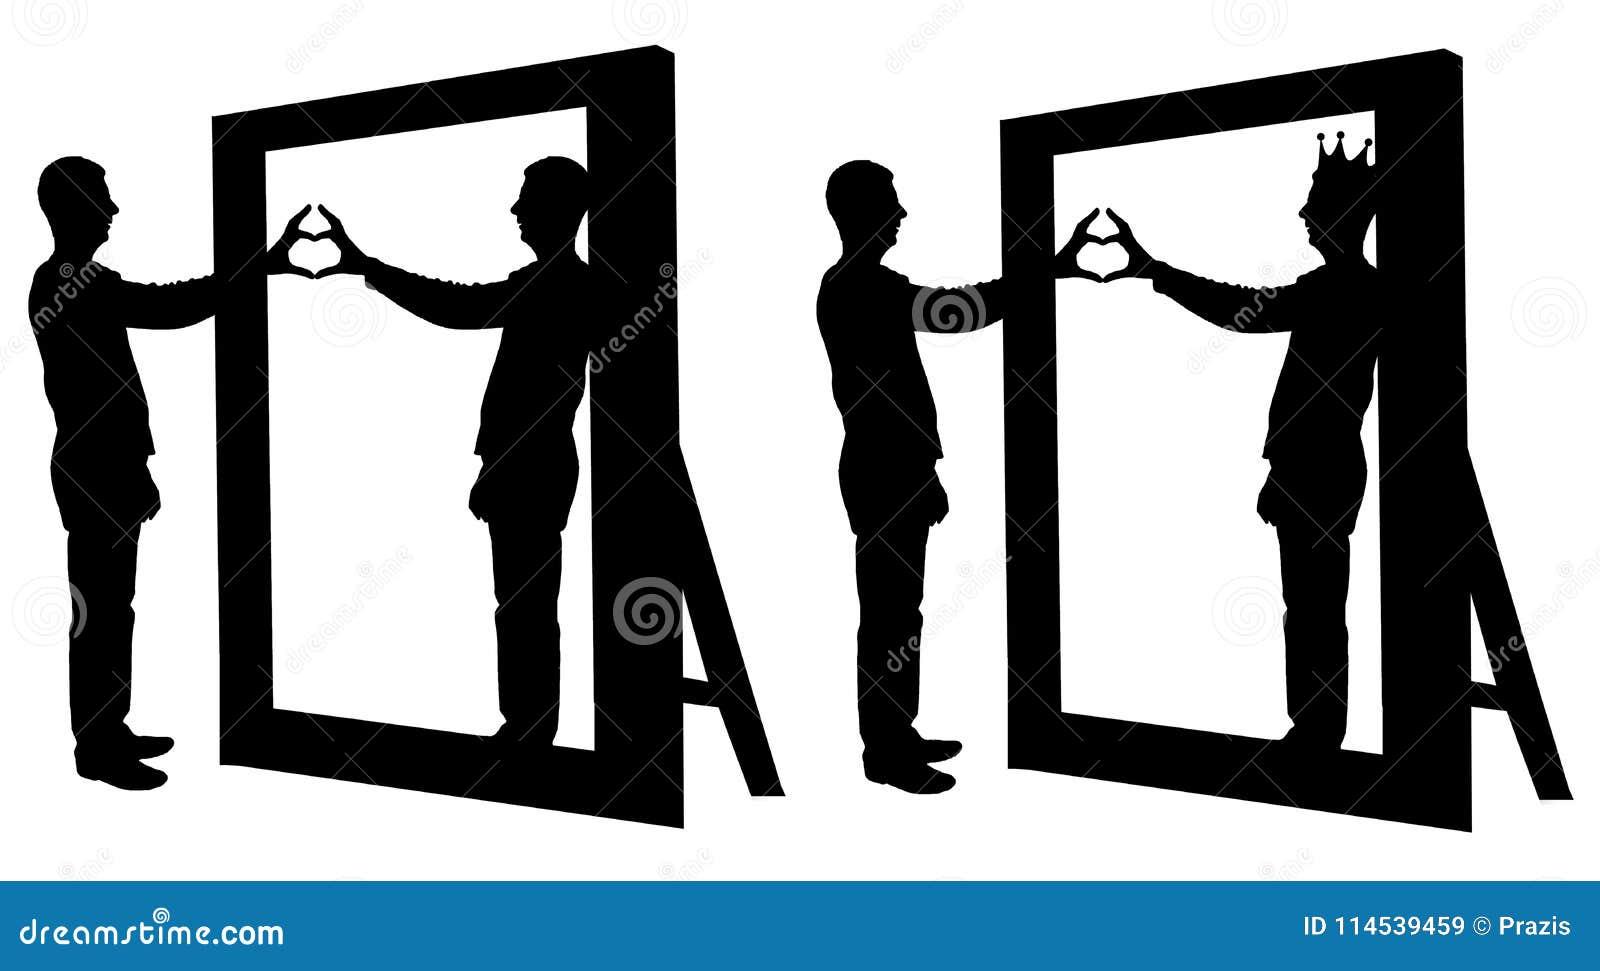 Silhueta de um homem do narcissist e de um gesto de mão de um coração na reflexão em um espelho